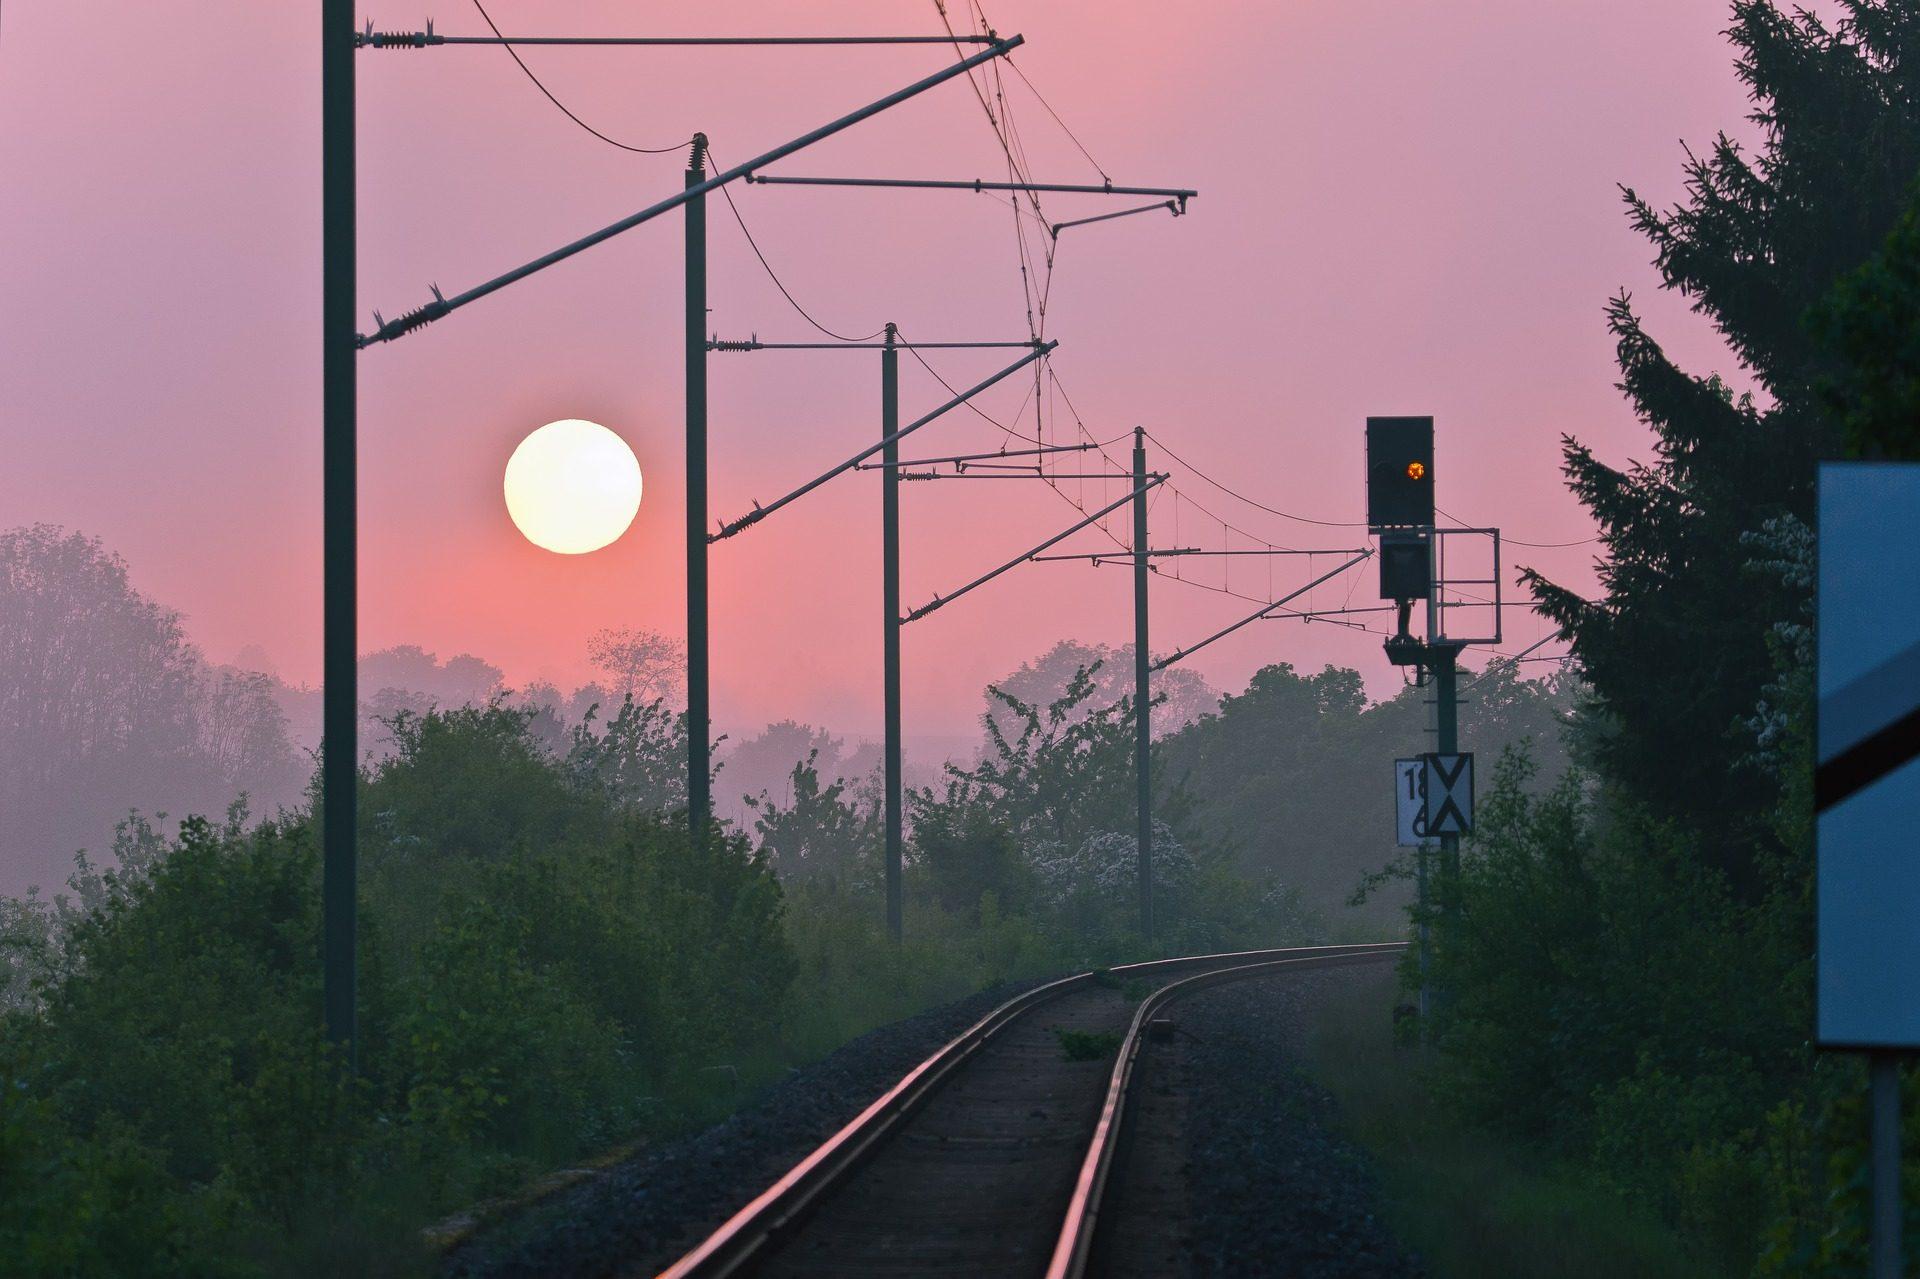 caminhos, estrada de ferro, semáforo, eletricidade, Sol, Pôr do sol - Papéis de parede HD - Professor-falken.com